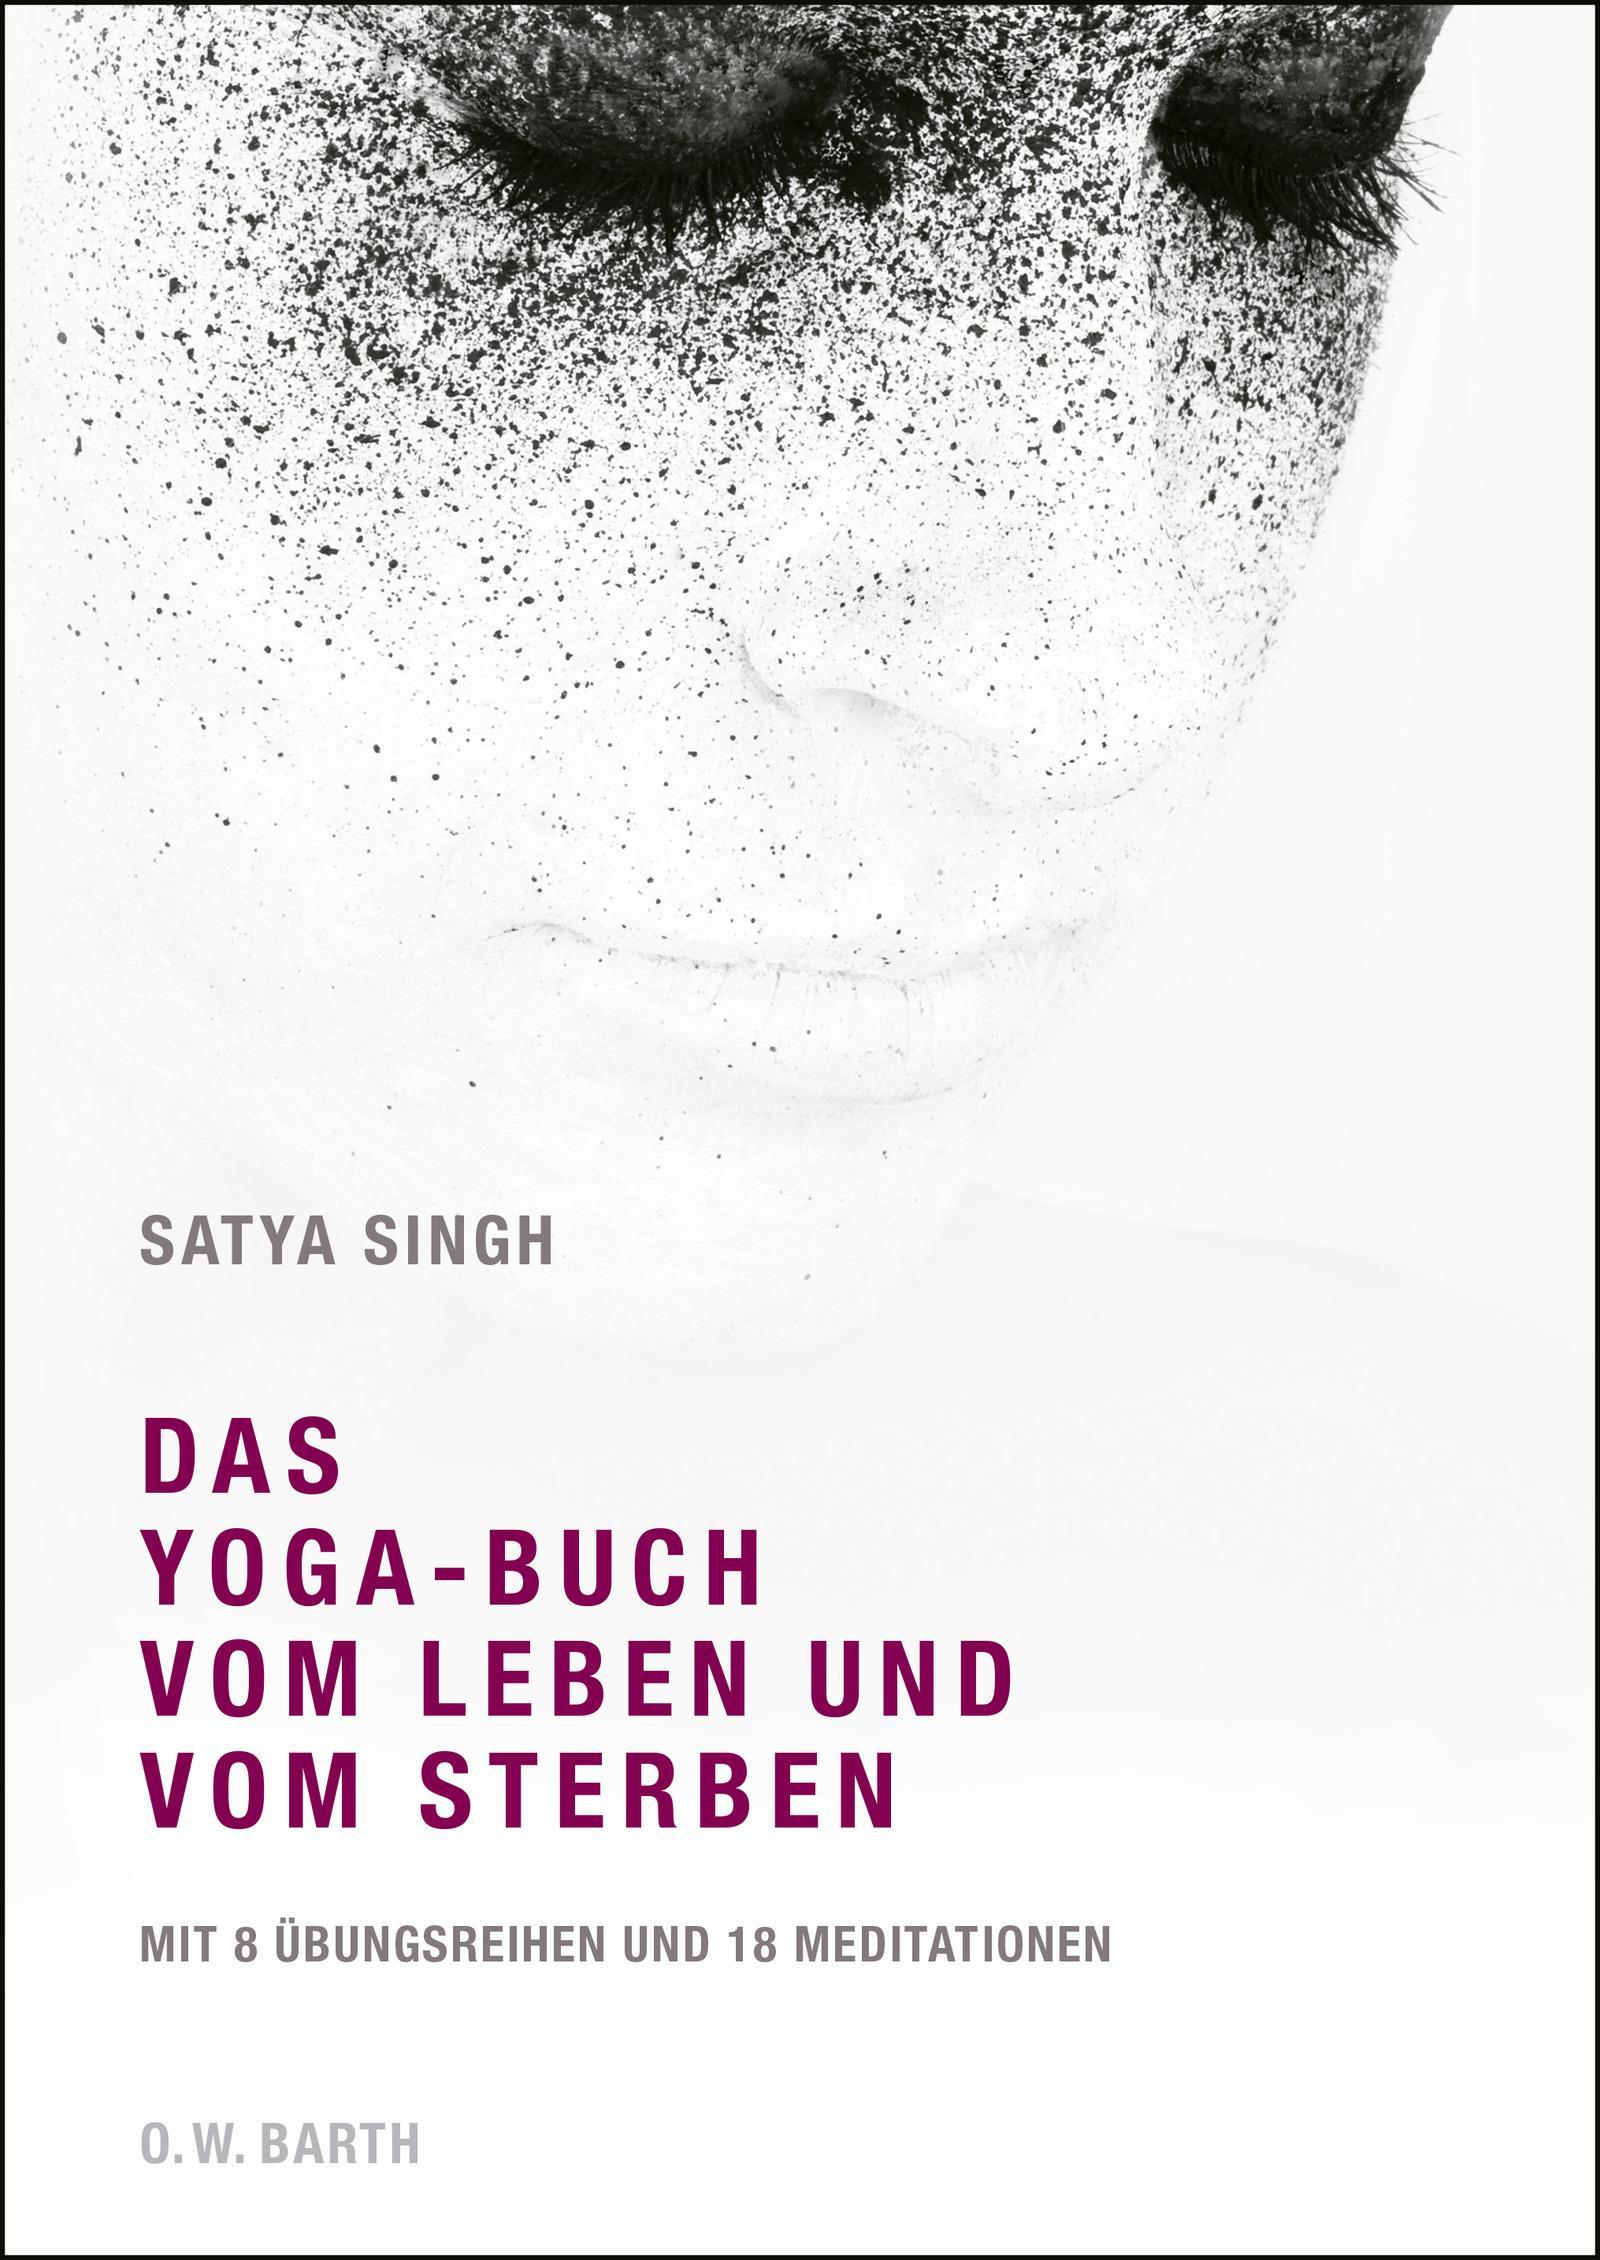 Das Yoga-Buch vom Leben und vom Sterben, Satya Singh